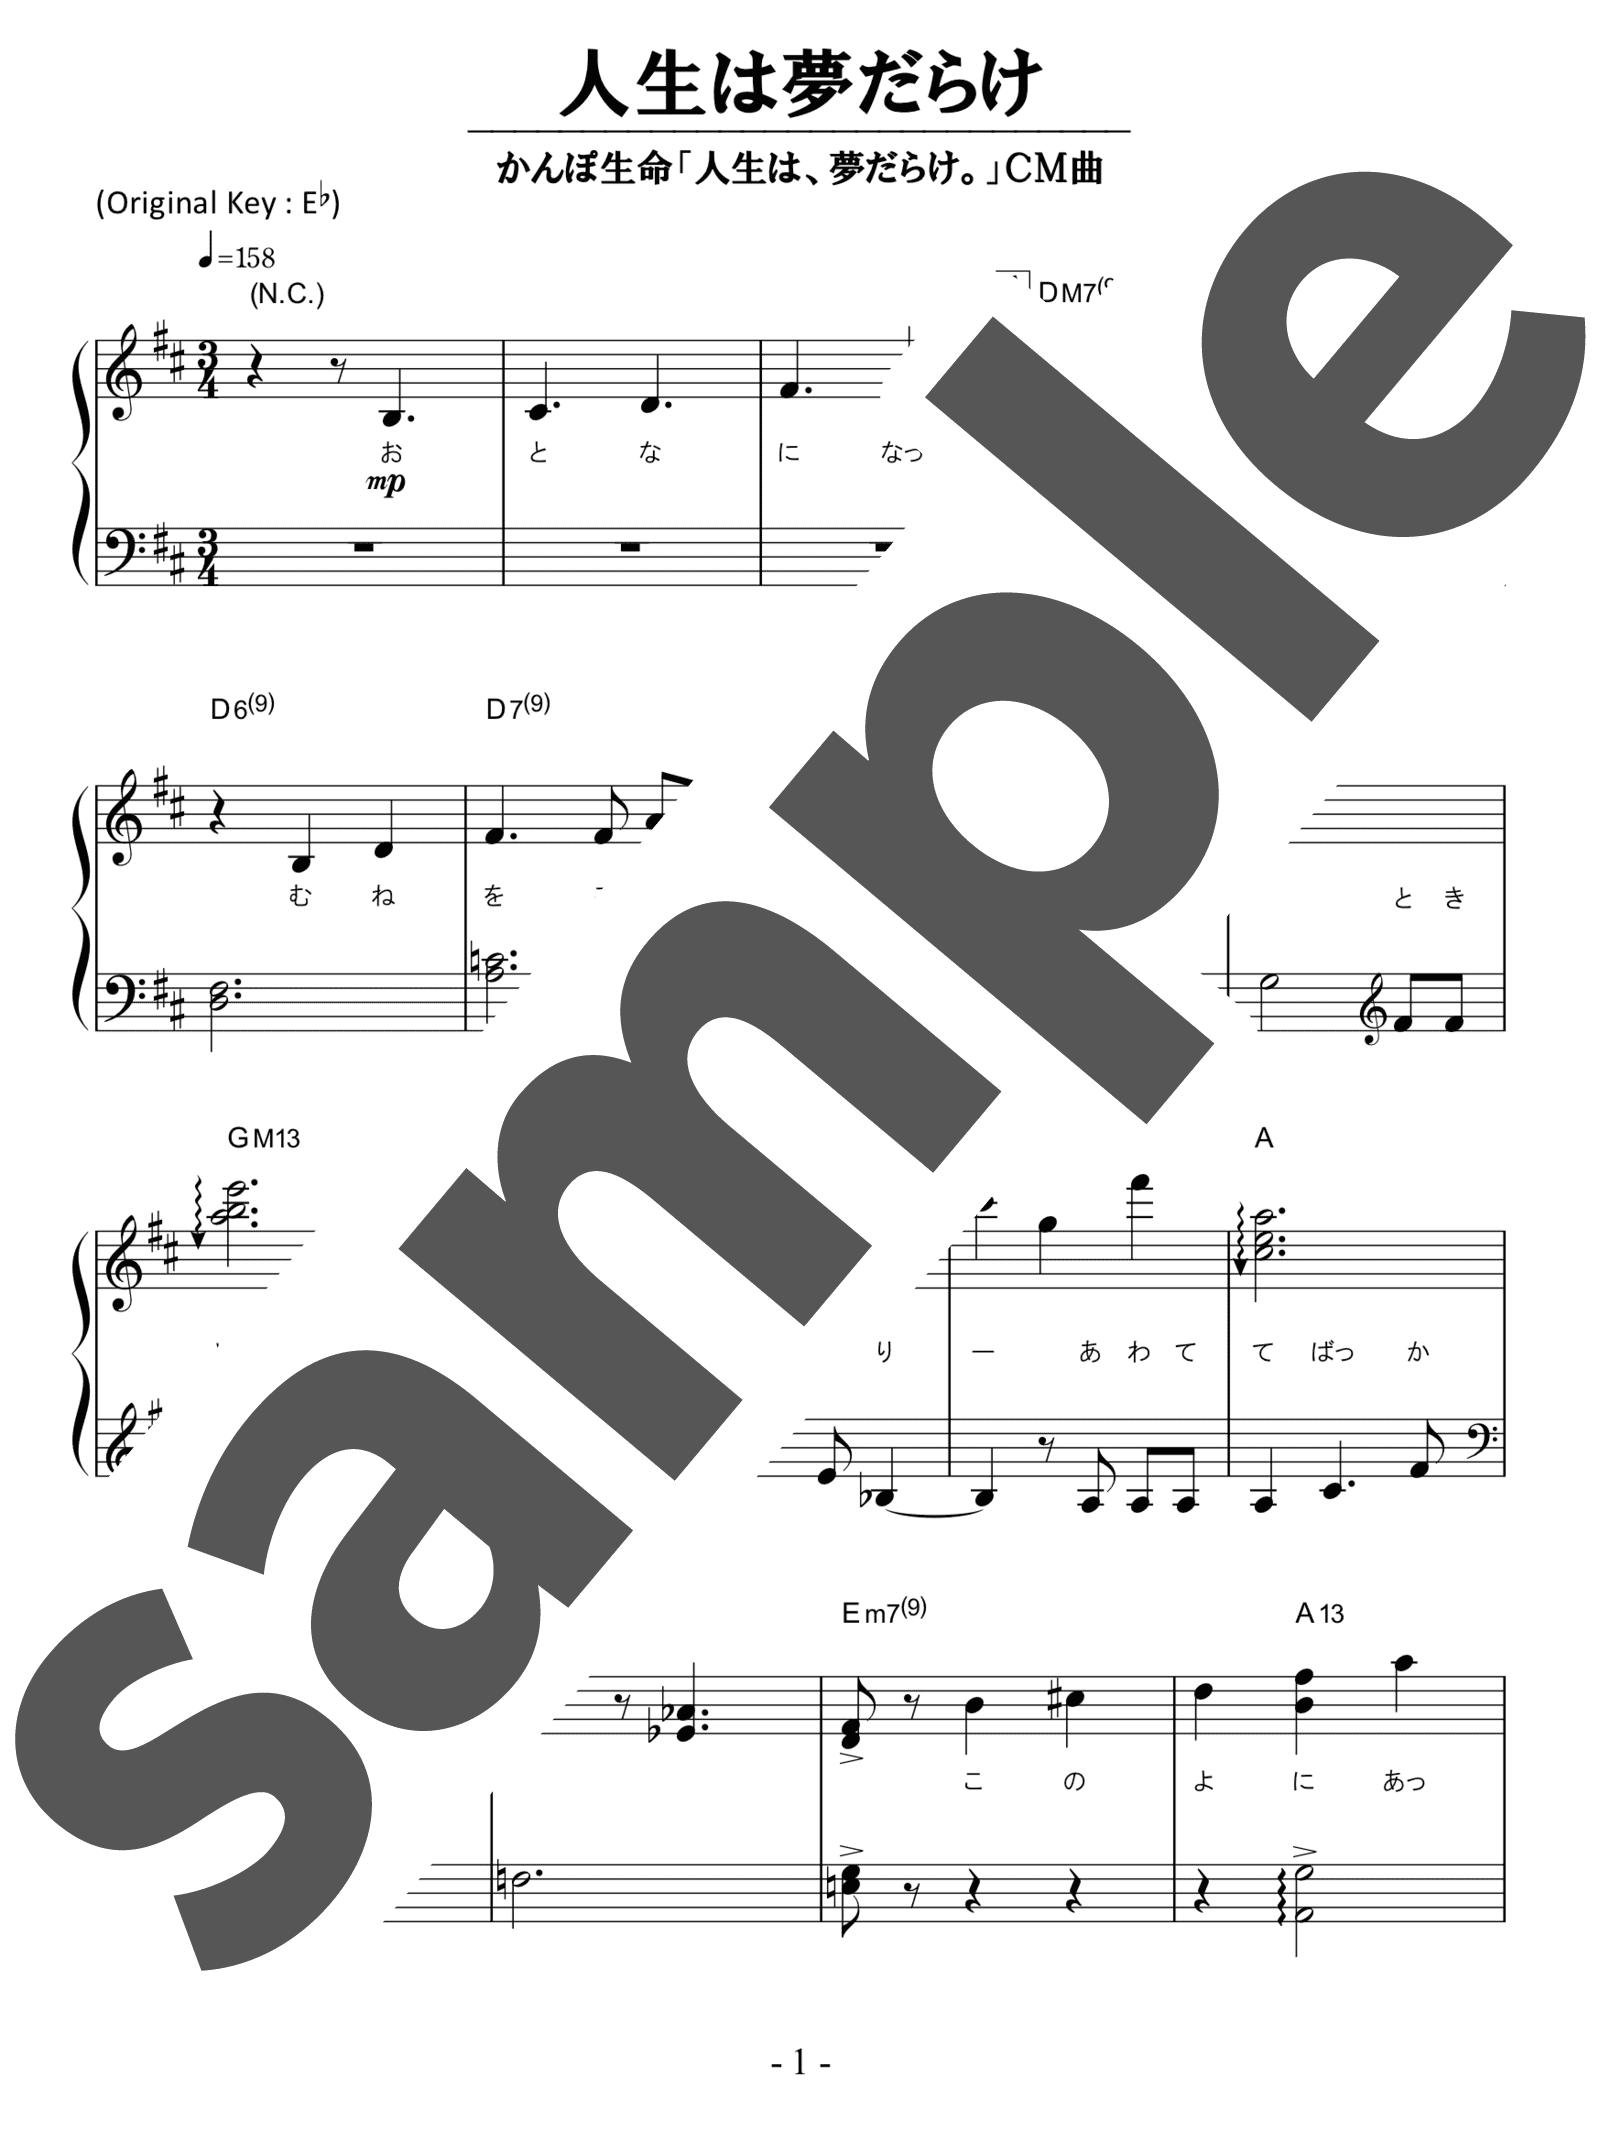 「人生は夢だらけ」のサンプル楽譜